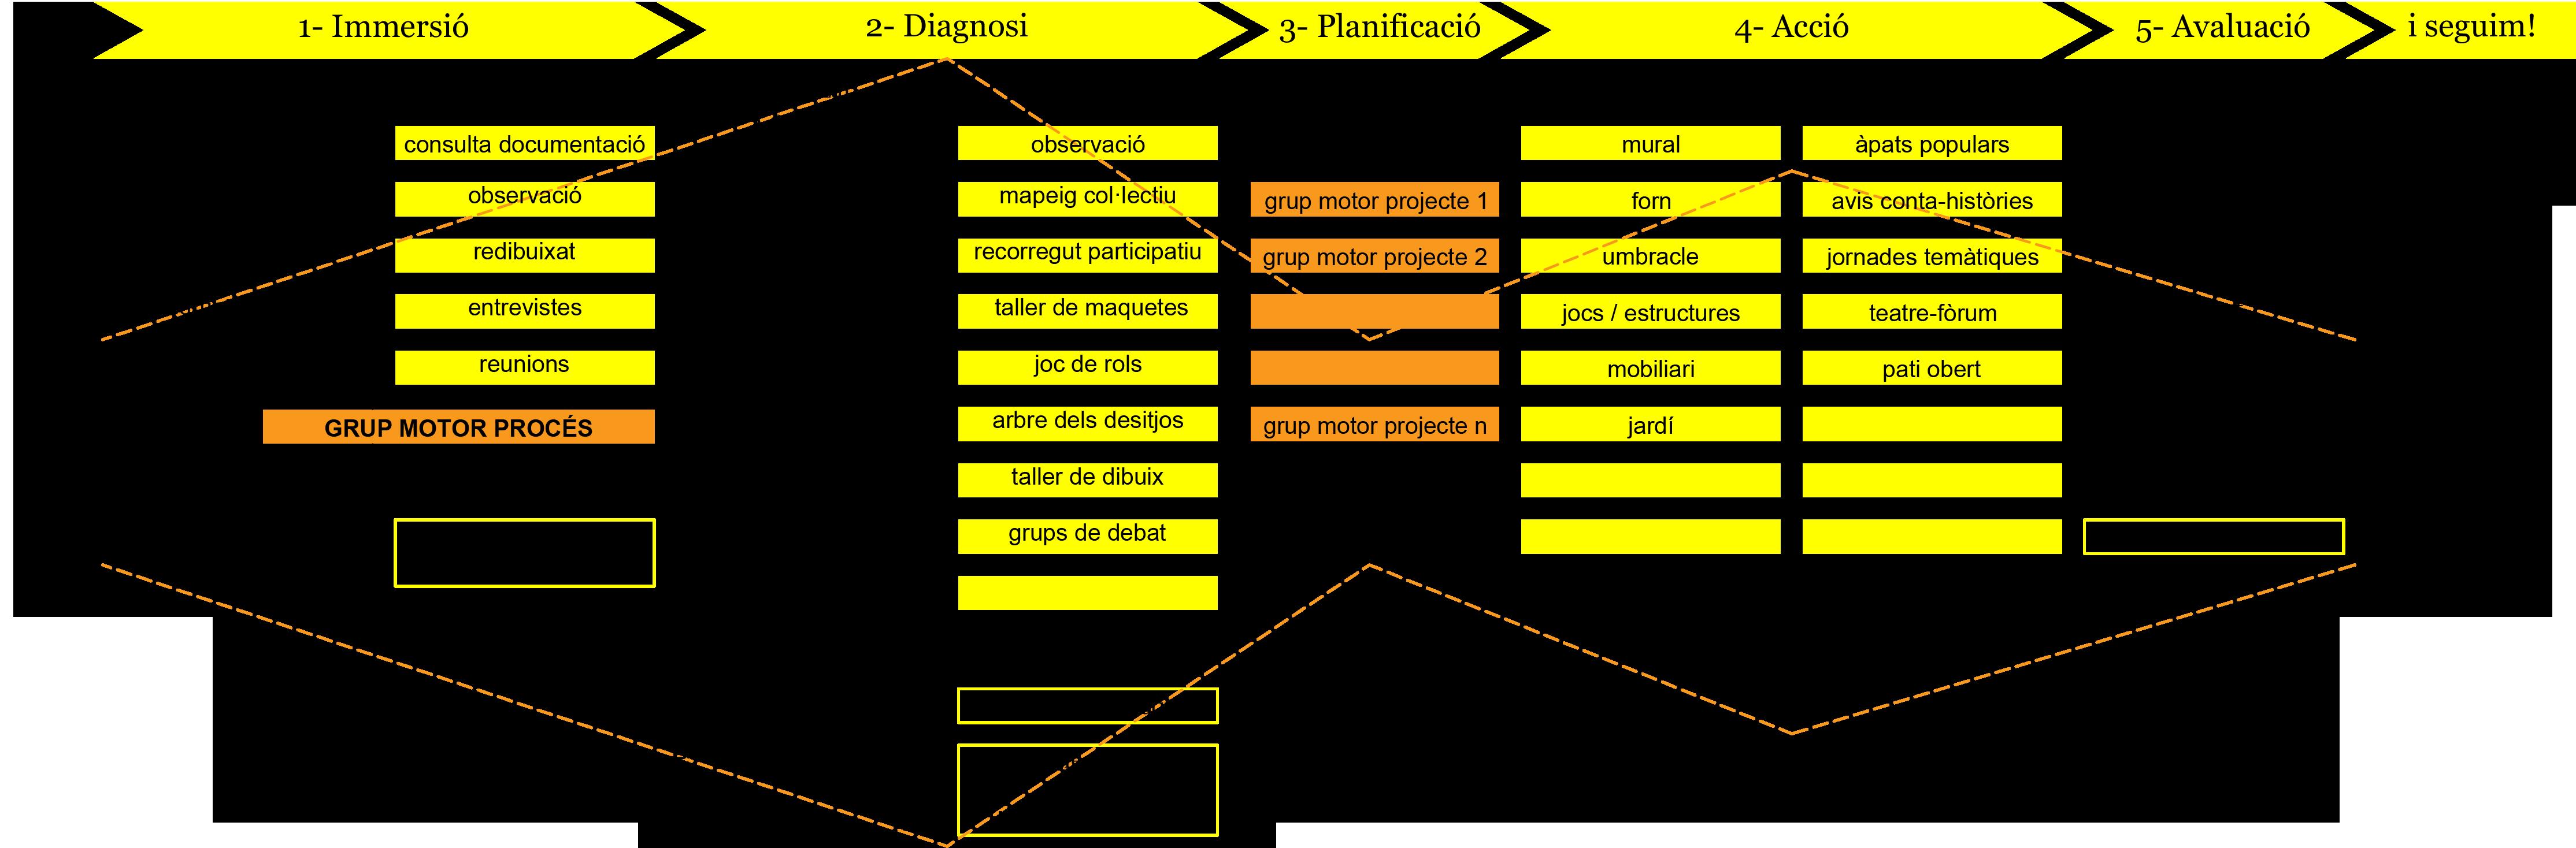 ELTINGLADO_projectes_Part_Serralavella_dib4